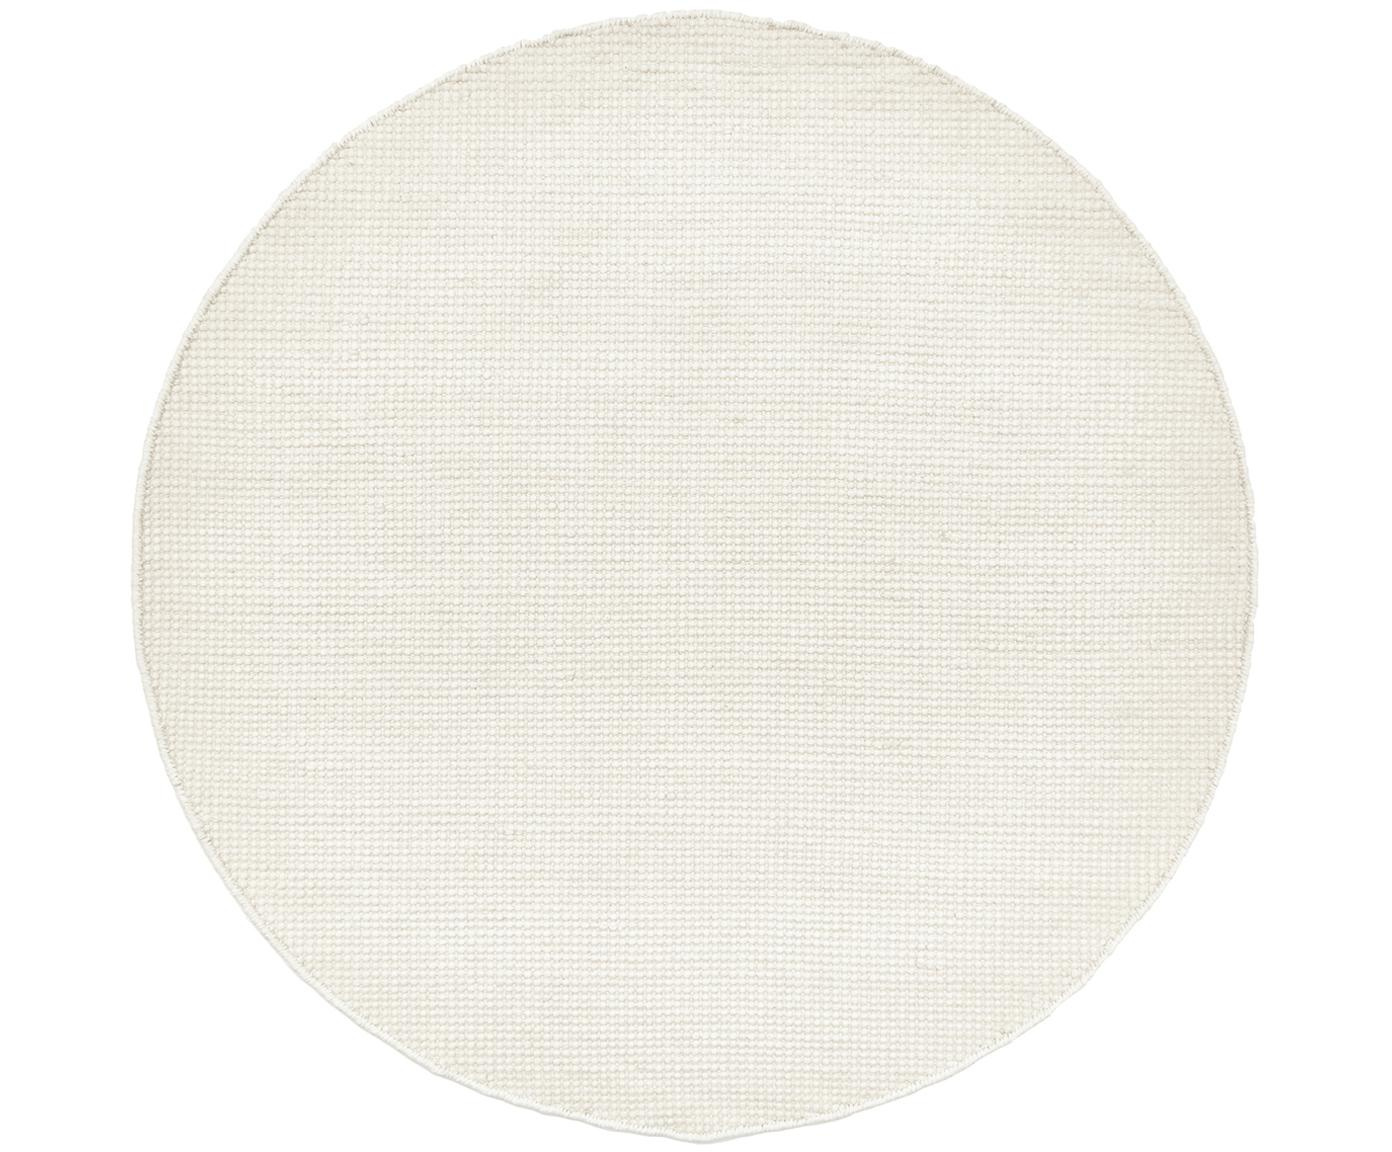 Runder Wollteppich Amaro in Creme, handgewebt, 38% Wolle, 22% Polyester, 20% Baumwolle, 20% Polyamid, Cremeweiss, Ø 140 cm (Grösse M)